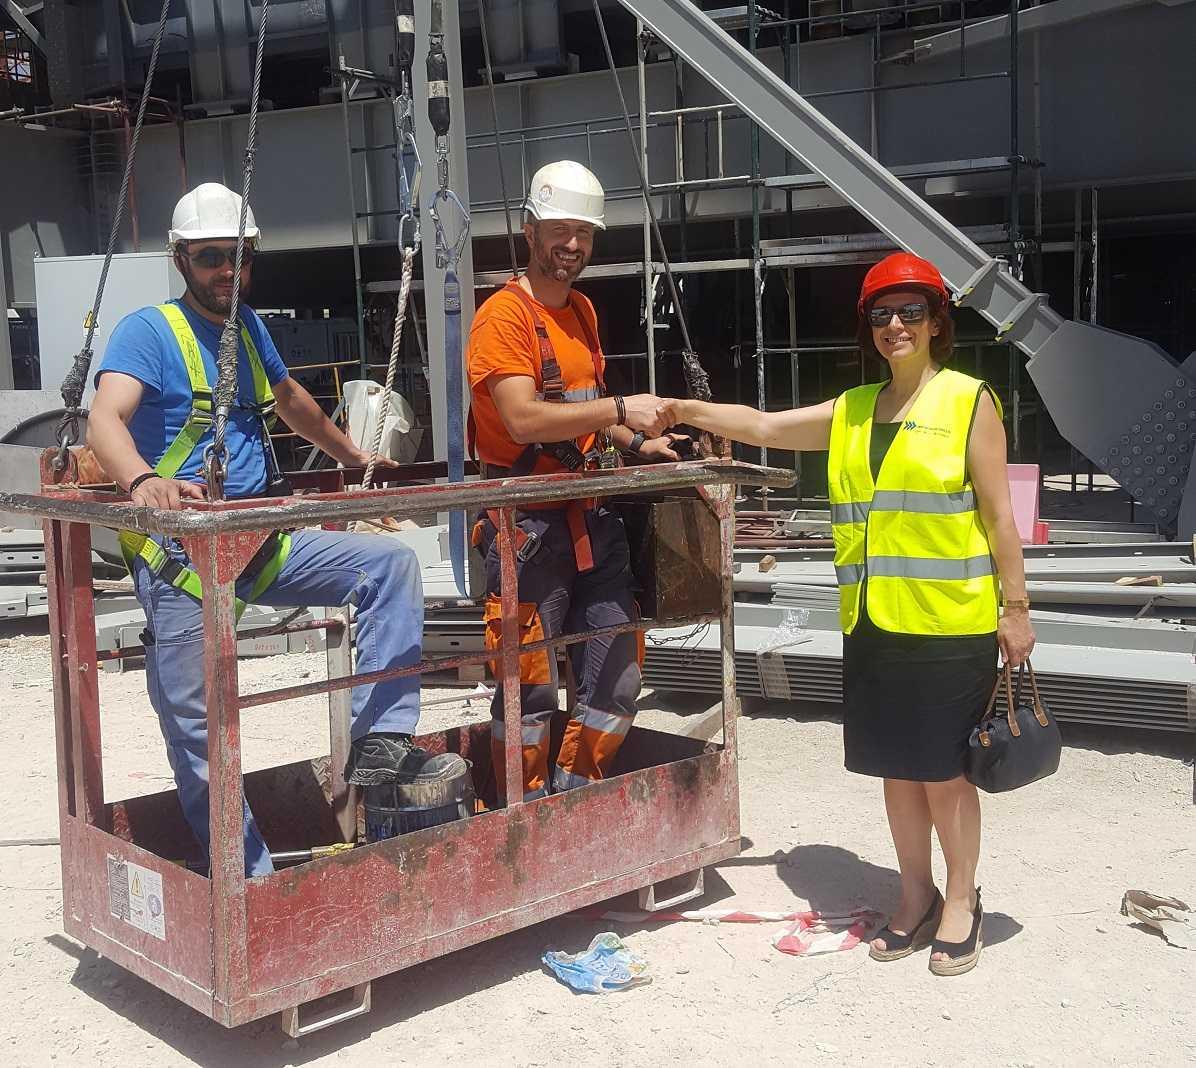 Τα Ορυχεία του Λιγνιτικού Κέντρου, τον ΑΗΣ Καρδιάς, Υδροηλεκτρικό Σταθμό Ιλαρίωνα και την υπό κατασκευή Μονάδα 5 επισκέφτηκε η υποψήφια Βουλευτής της ΝΔ Παρασκευή Βρυζίδου.